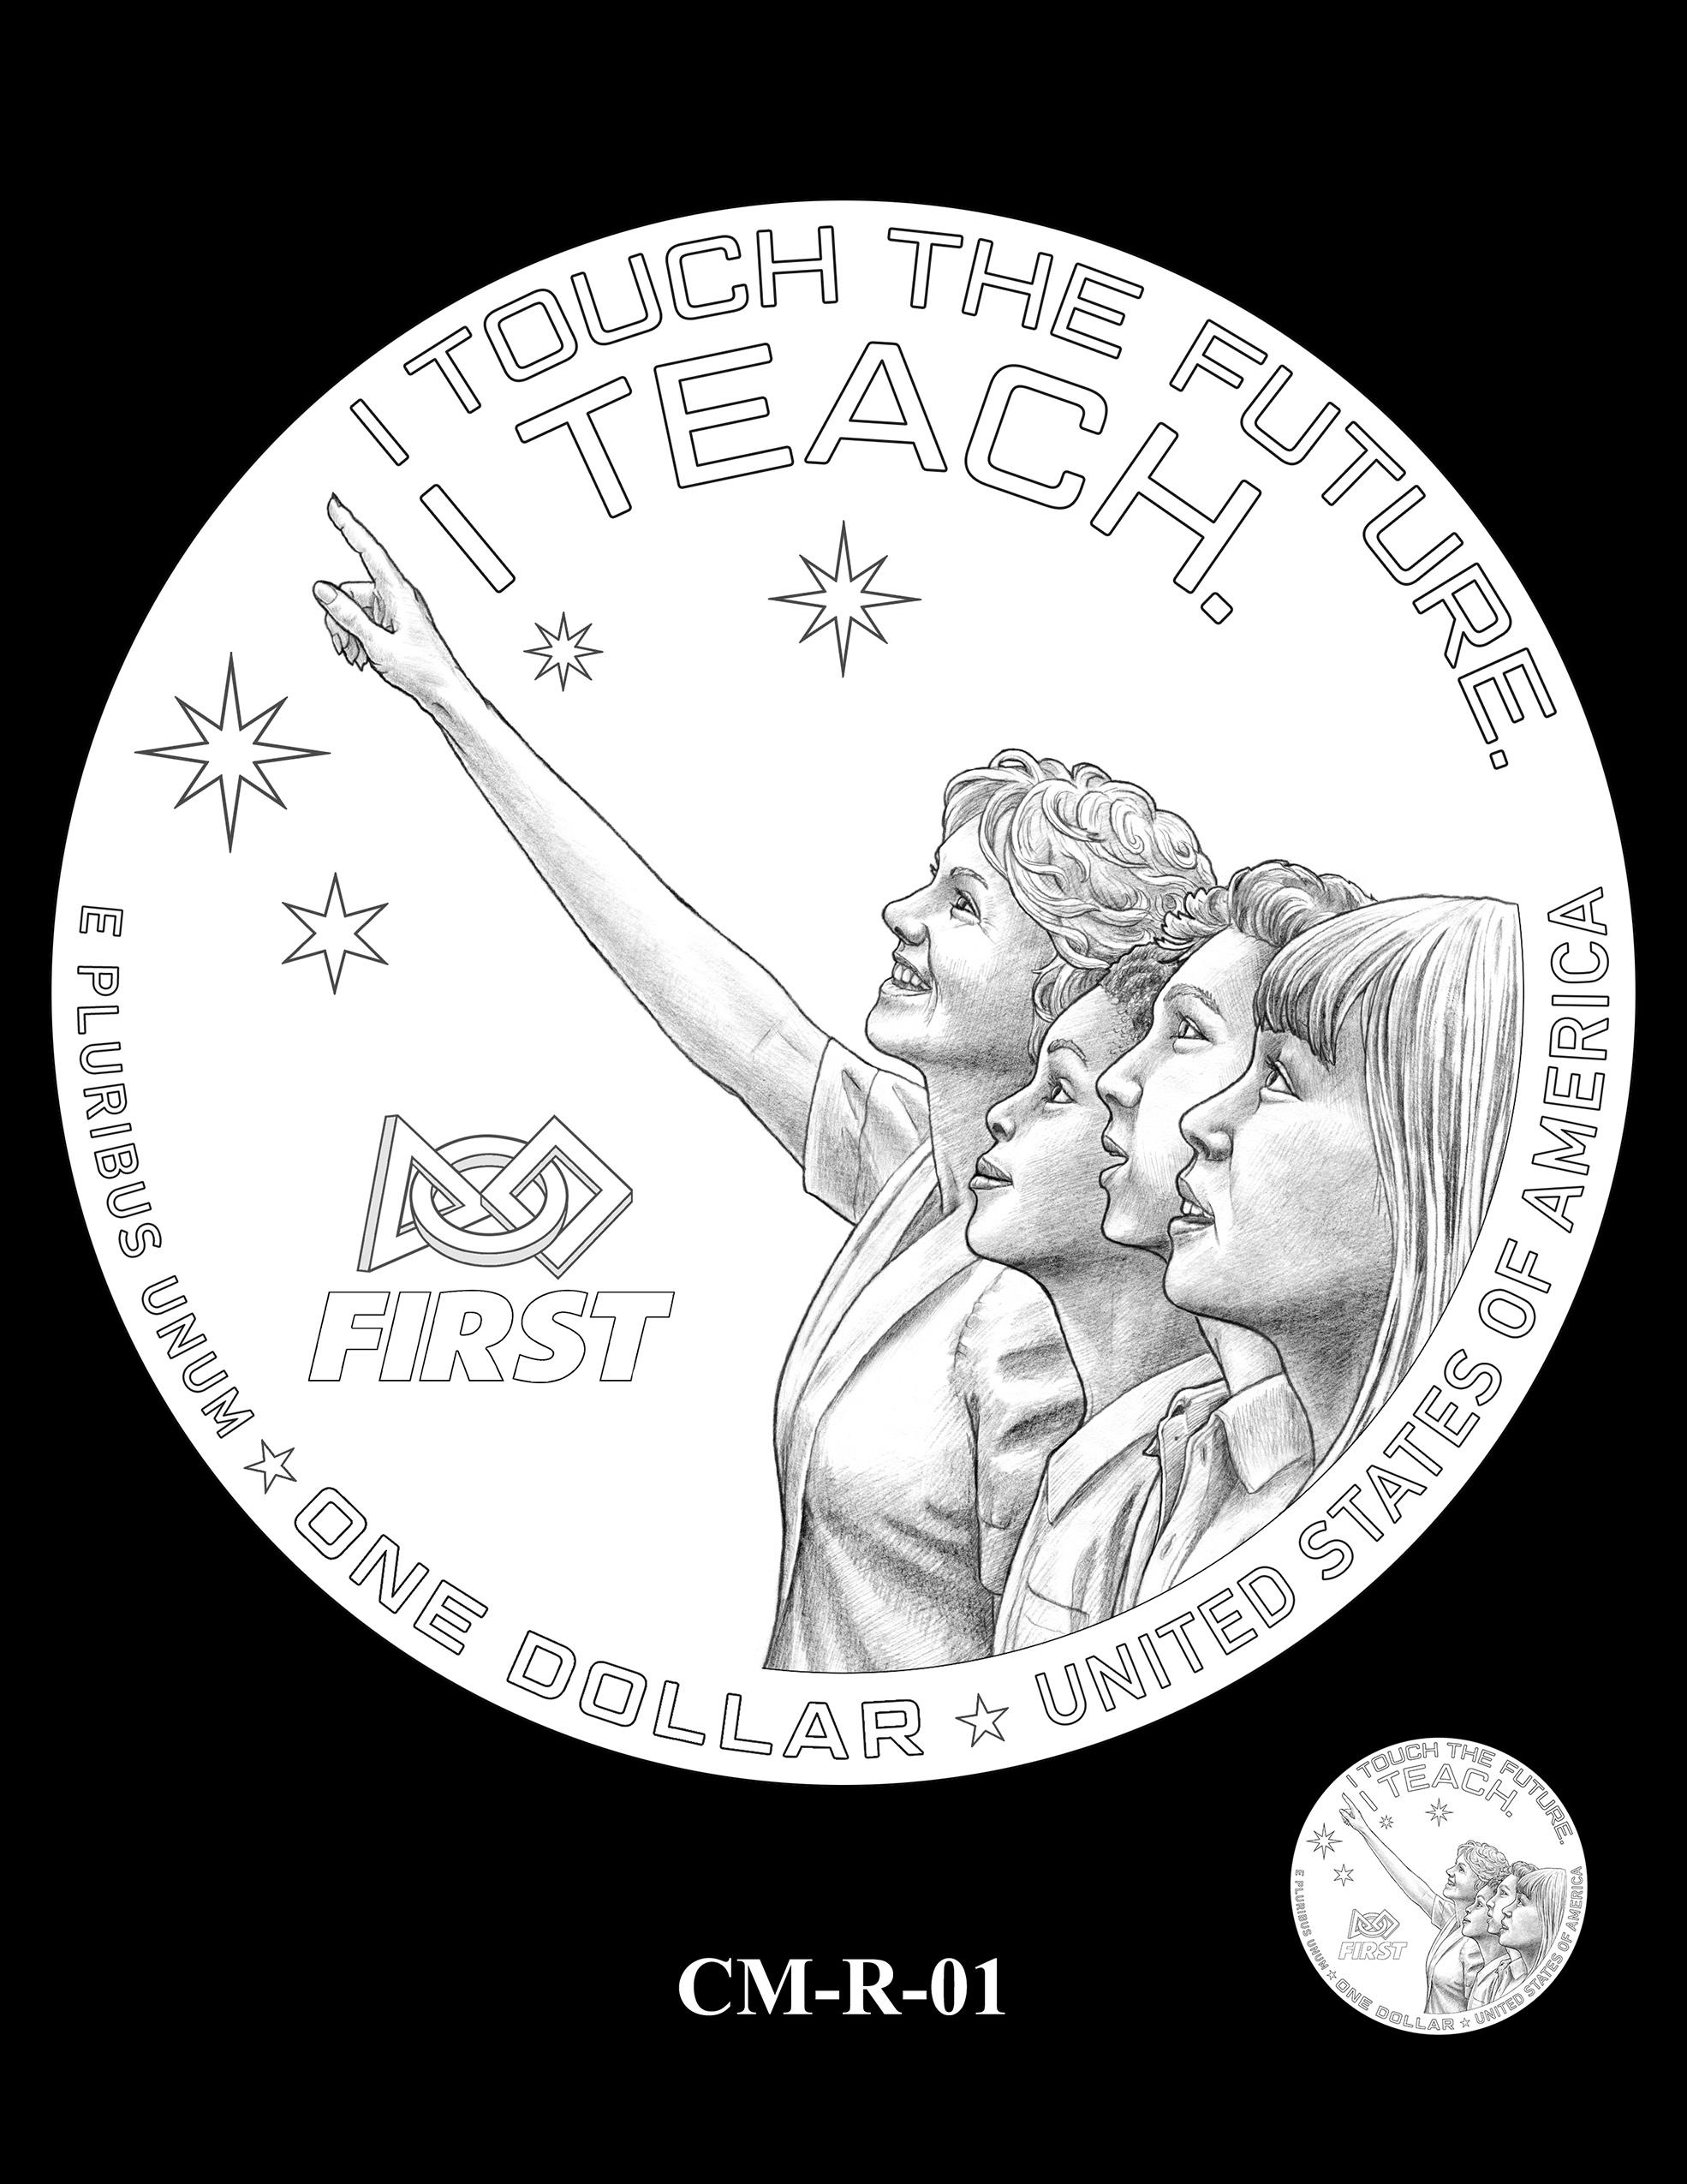 CM-R-01 -- 2021 Christa McAuliffe Commemorative Coin